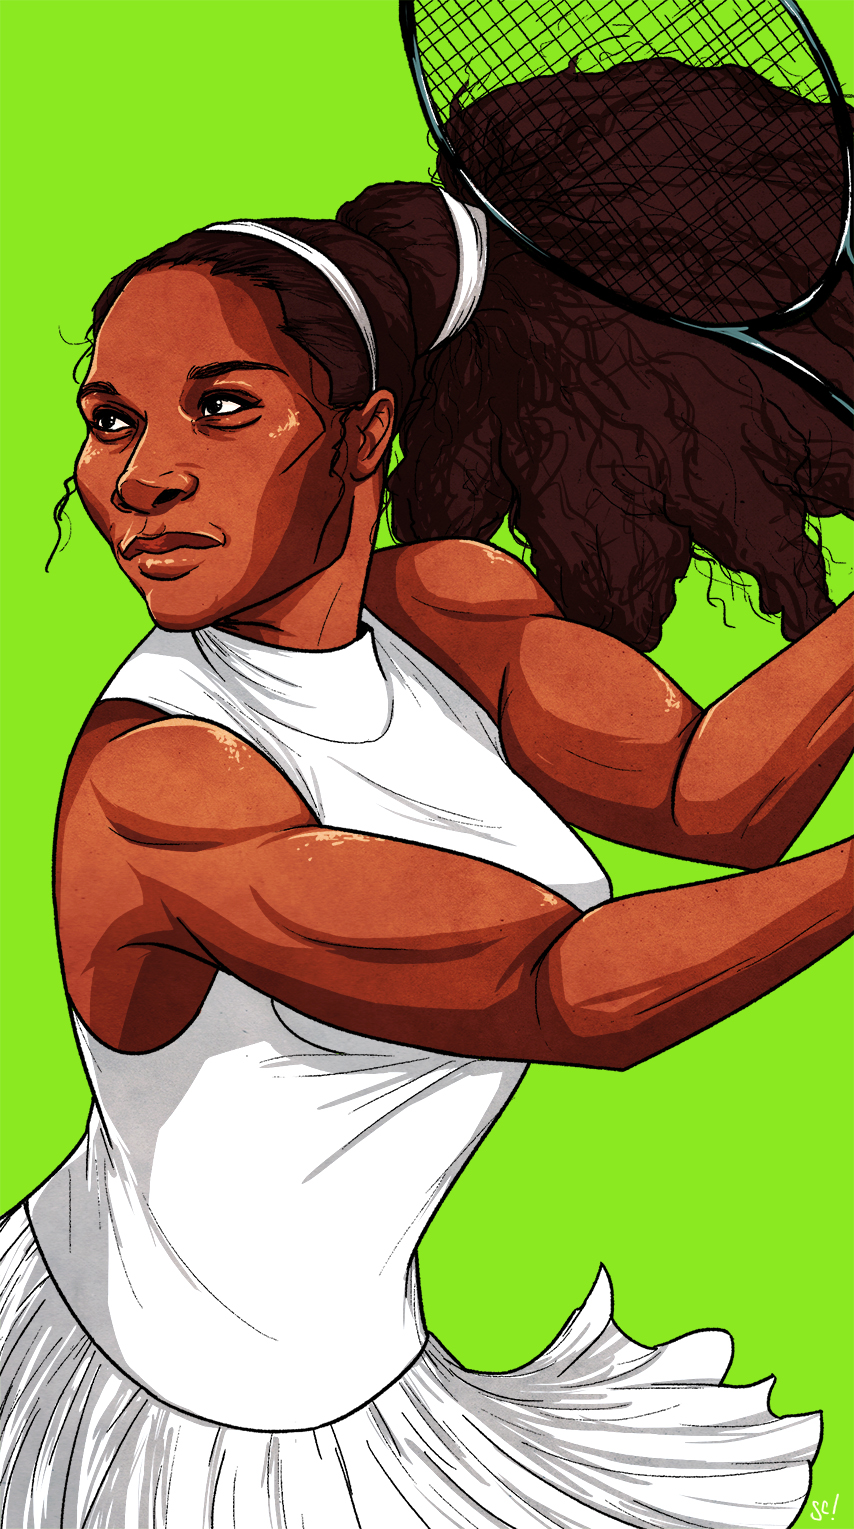 Queen Serena